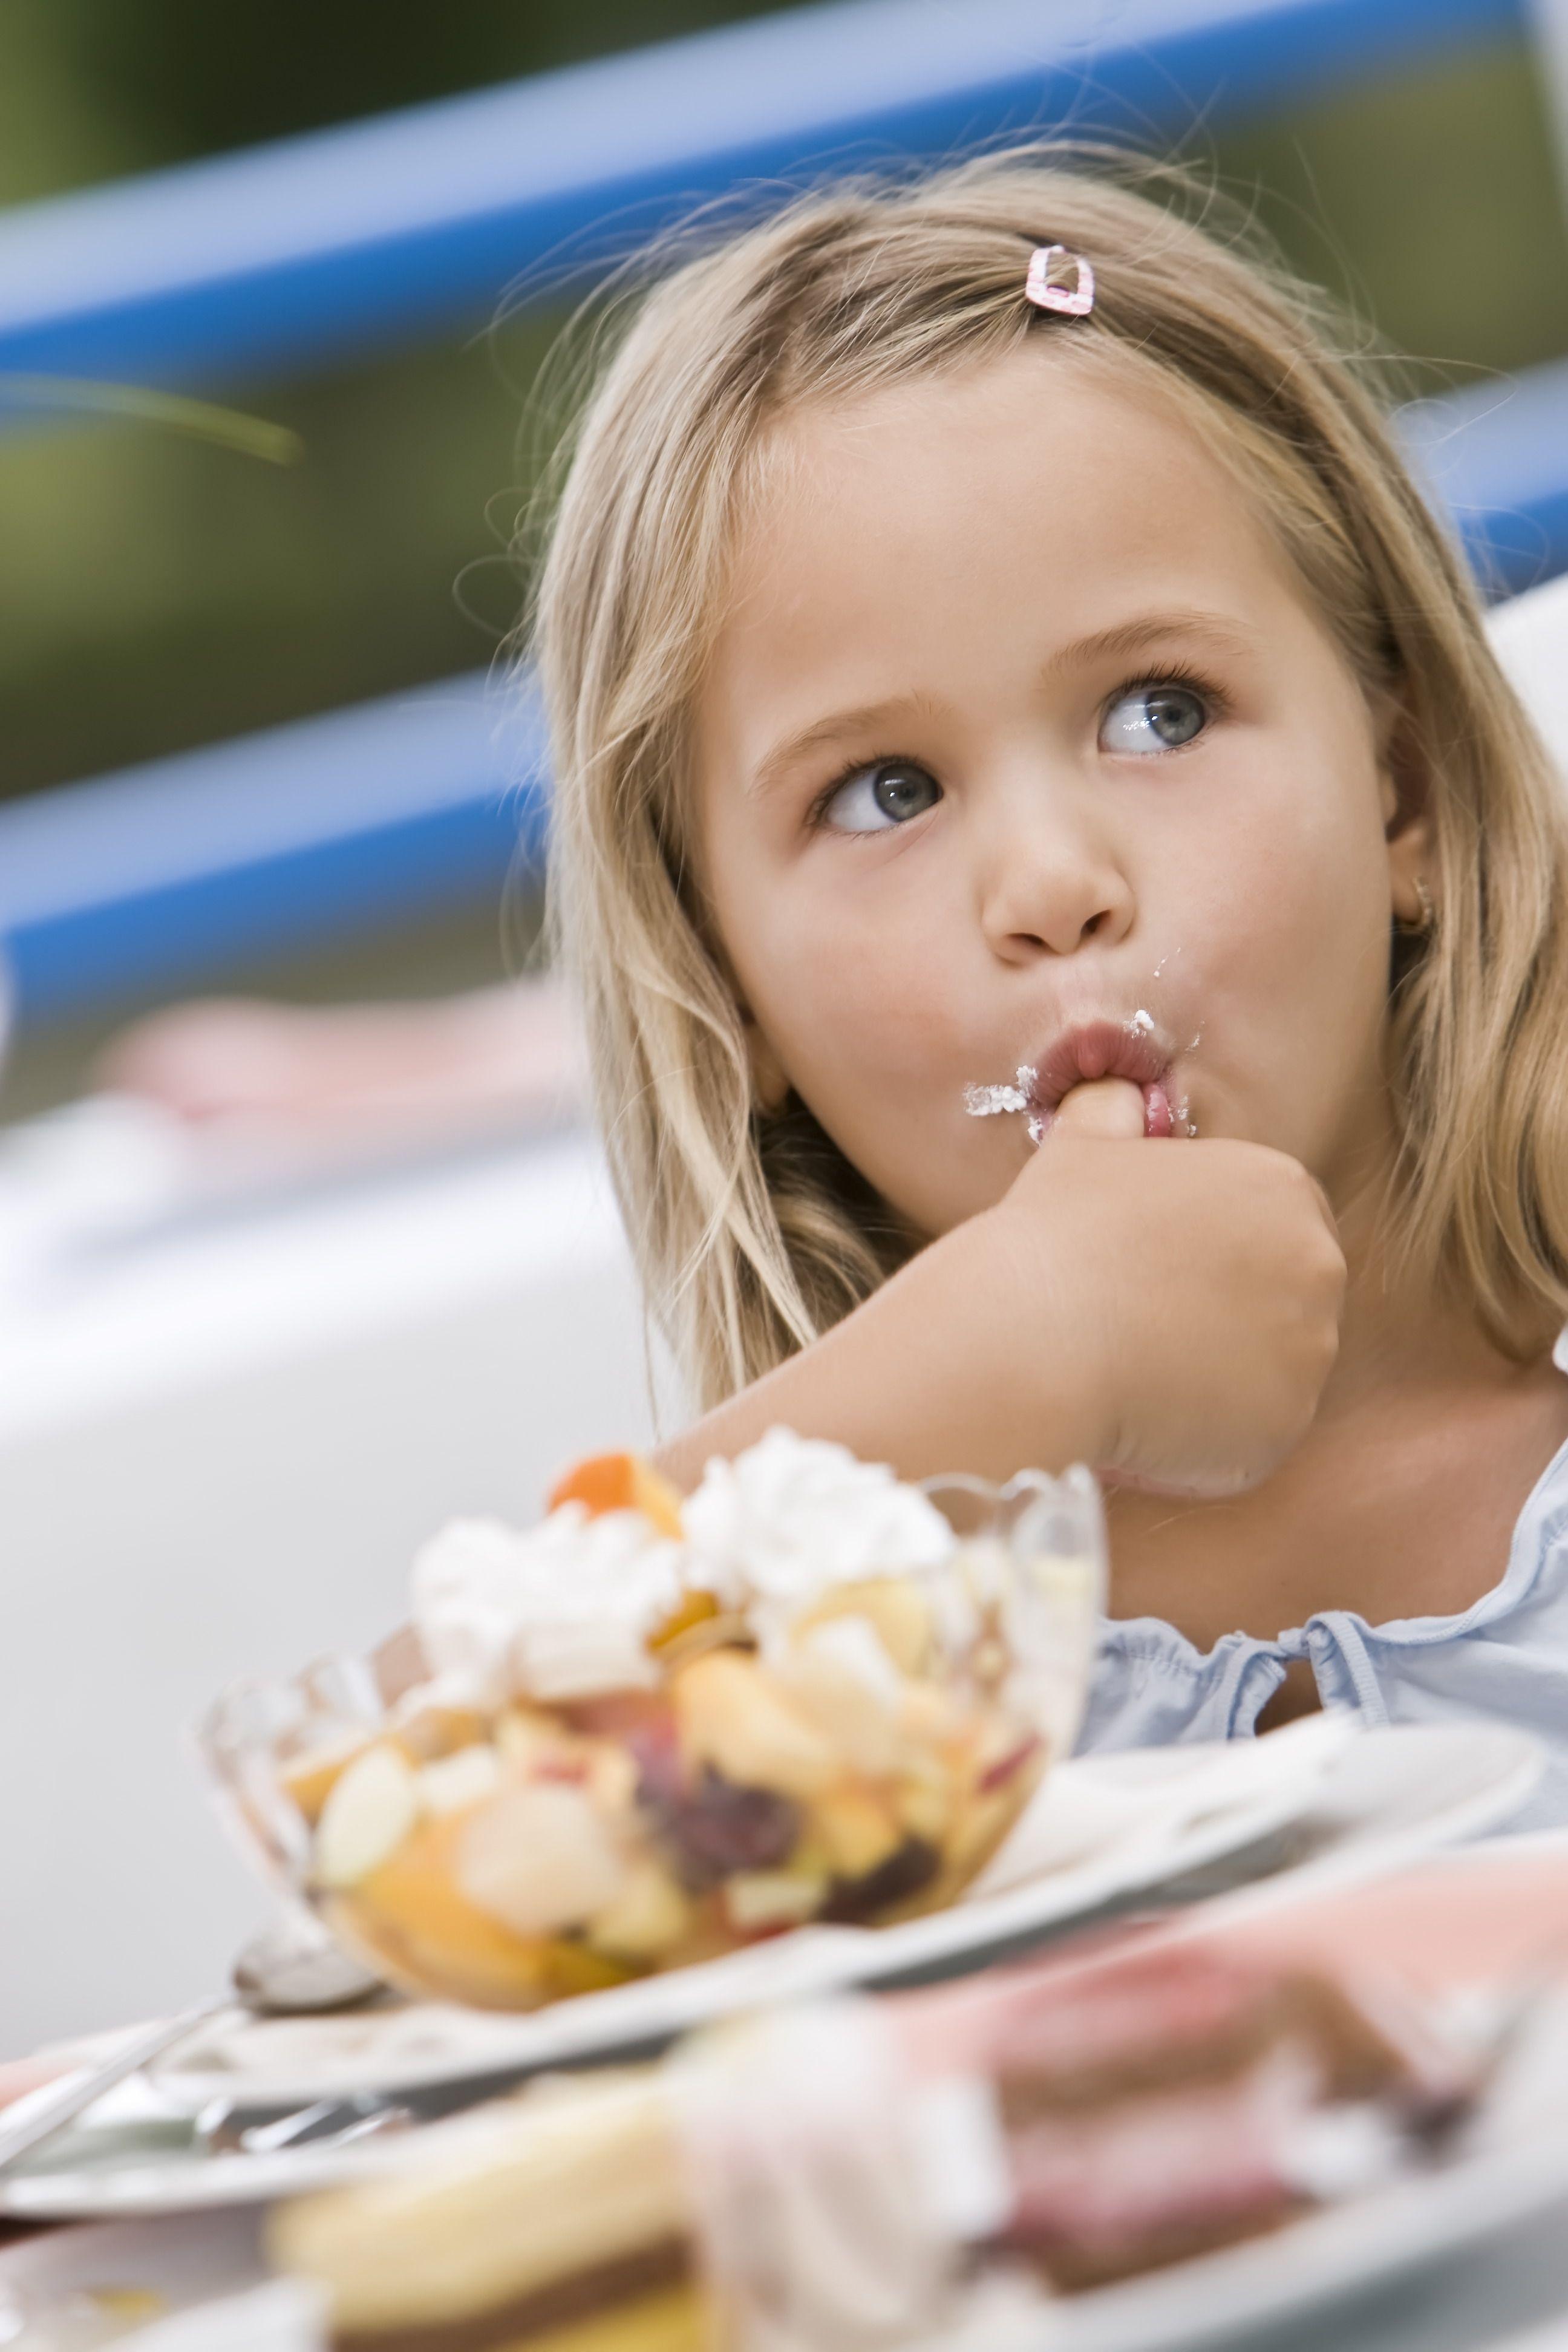 Édességet majszoló kislány